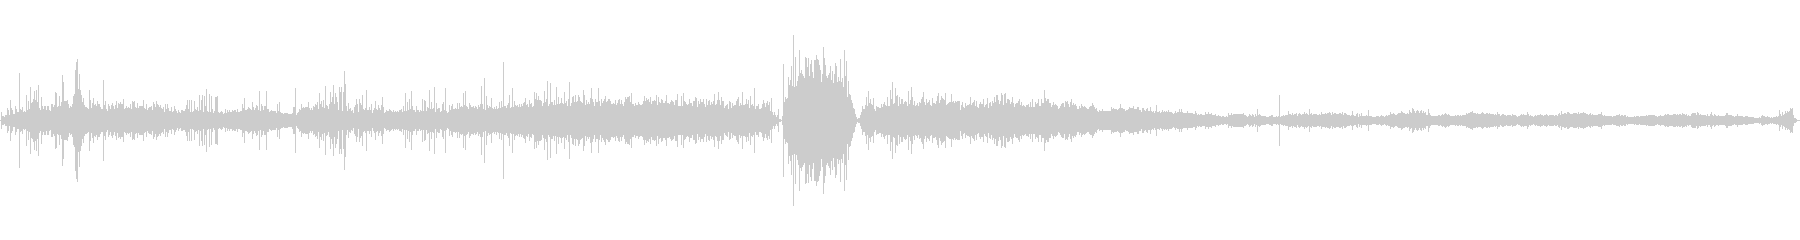 クリーチャーヒスドローン悲鳴を上げるの未再生の波形